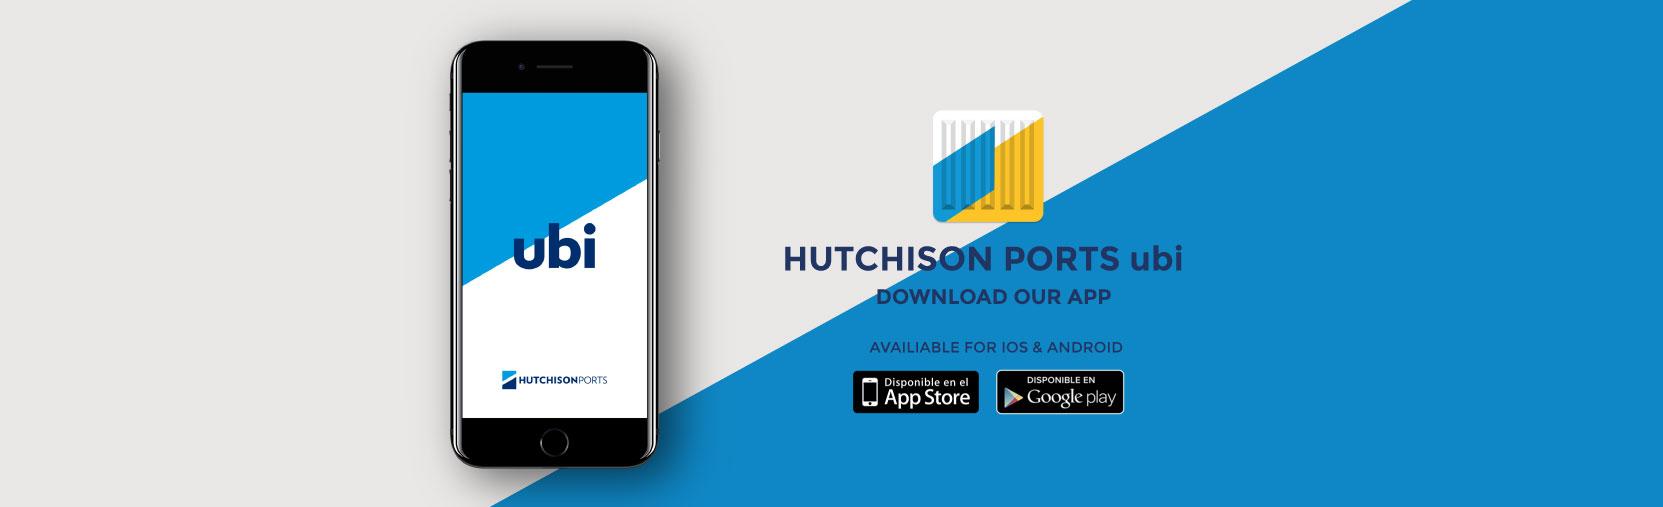 download our app hutchison port best